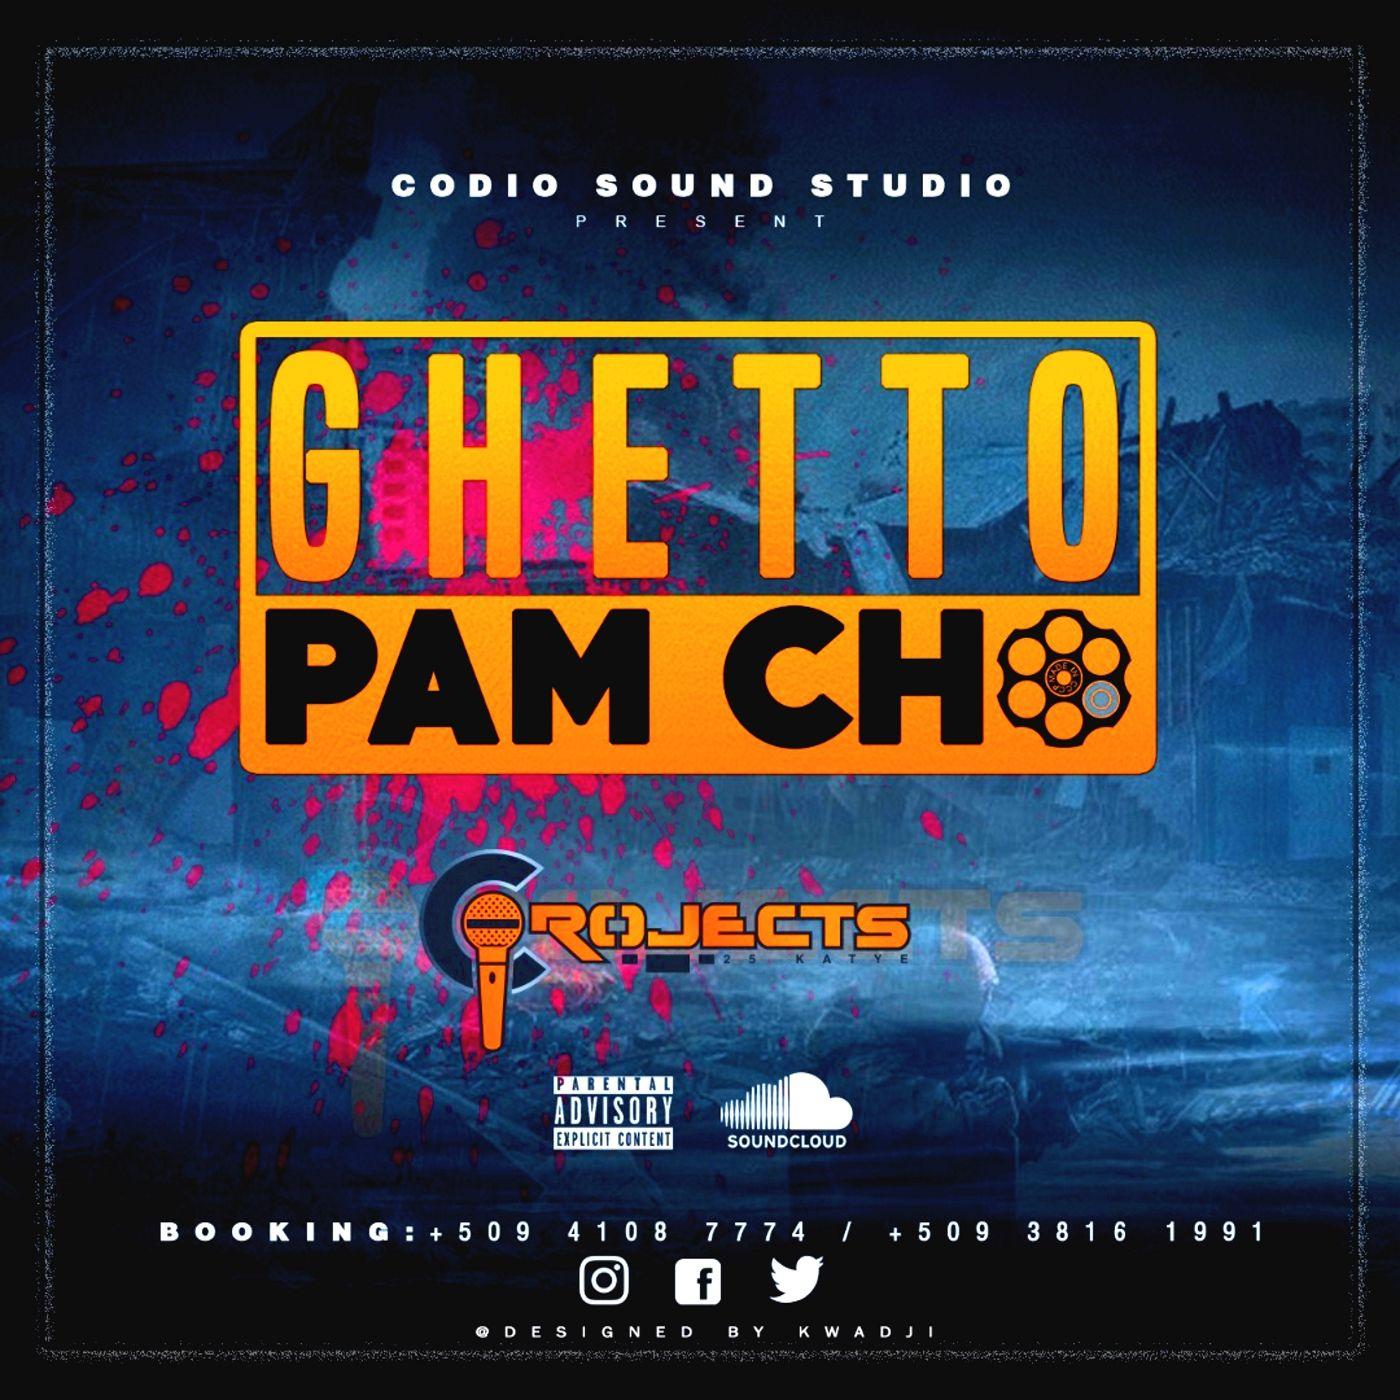 Ghetto Pam Cho Song Sound Studio Songs Ghetto